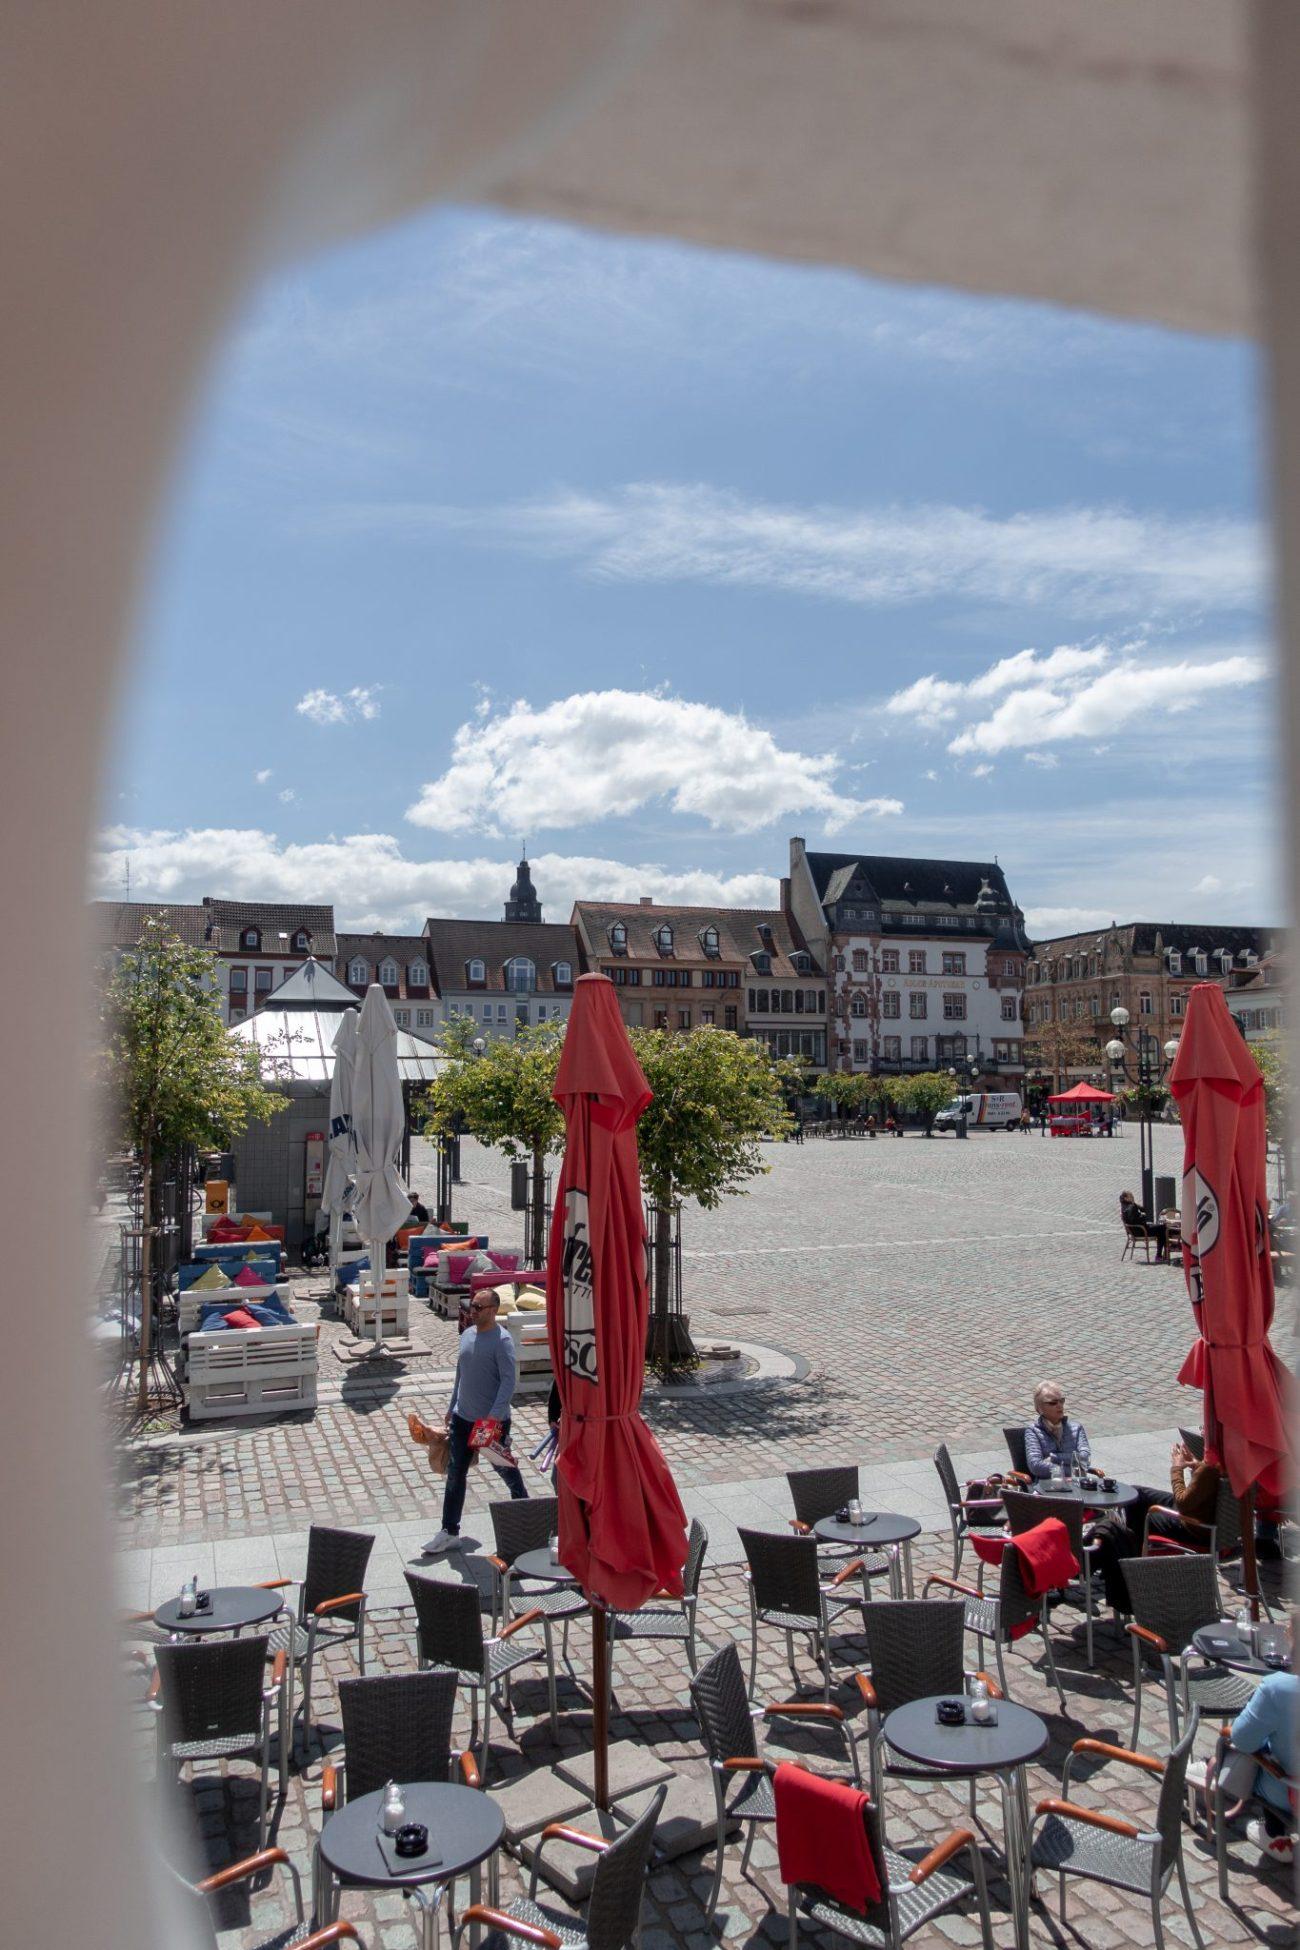 Landau-pfalz-rathausplatz-café